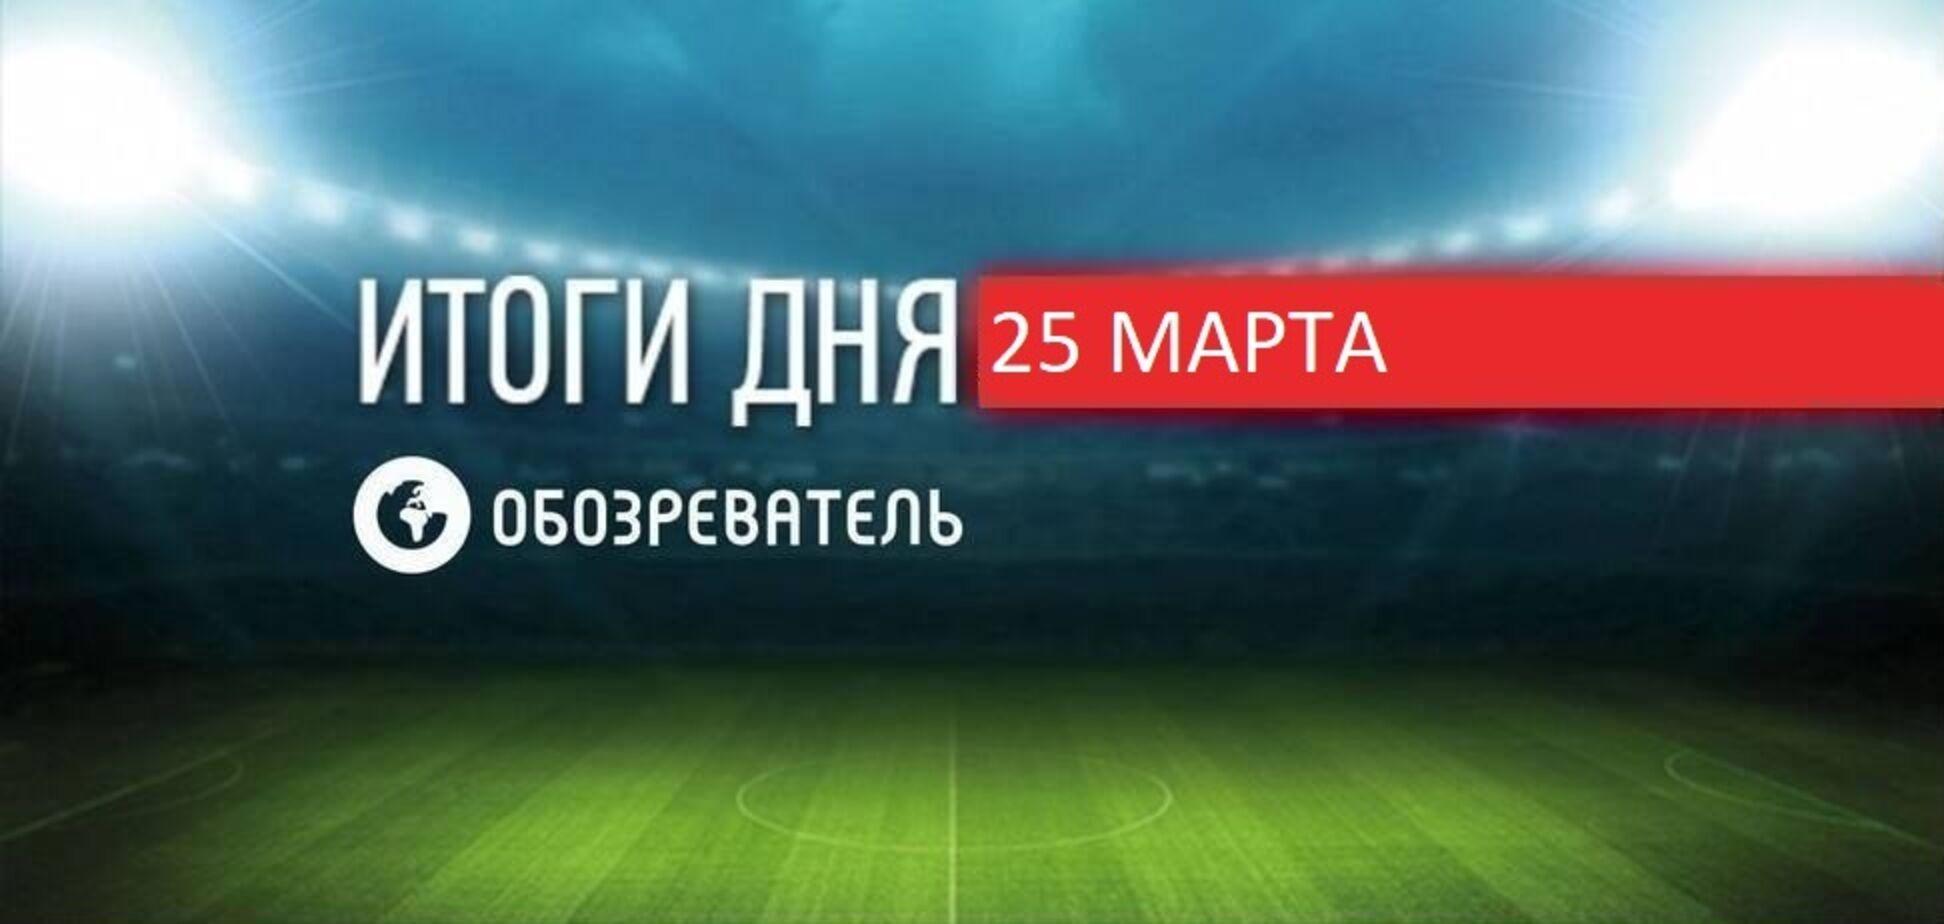 Новости спорта 25 марта: в России восхитились сборной Украины по футболу